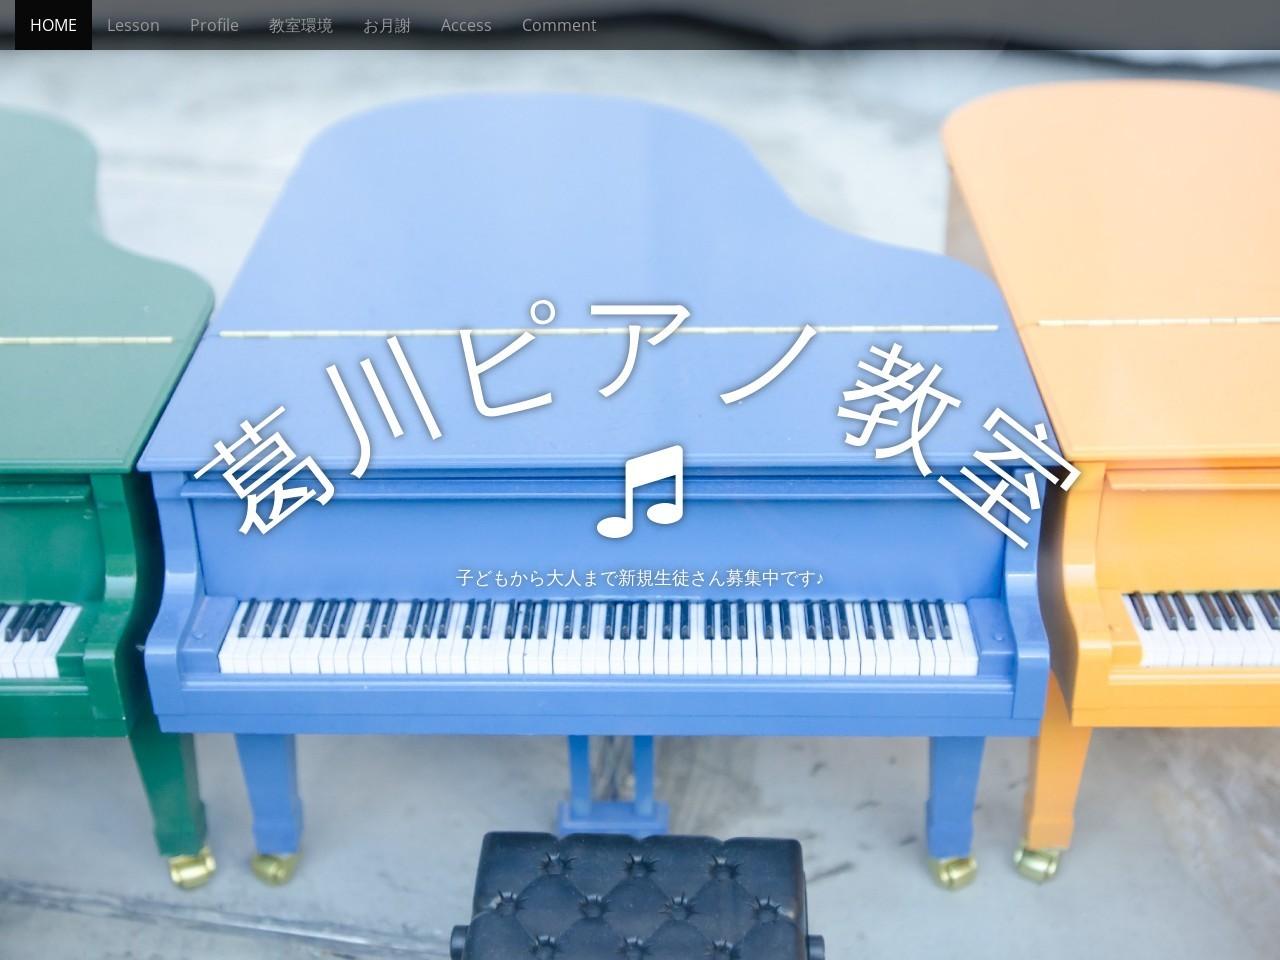 葛川ピアノ教室のサムネイル